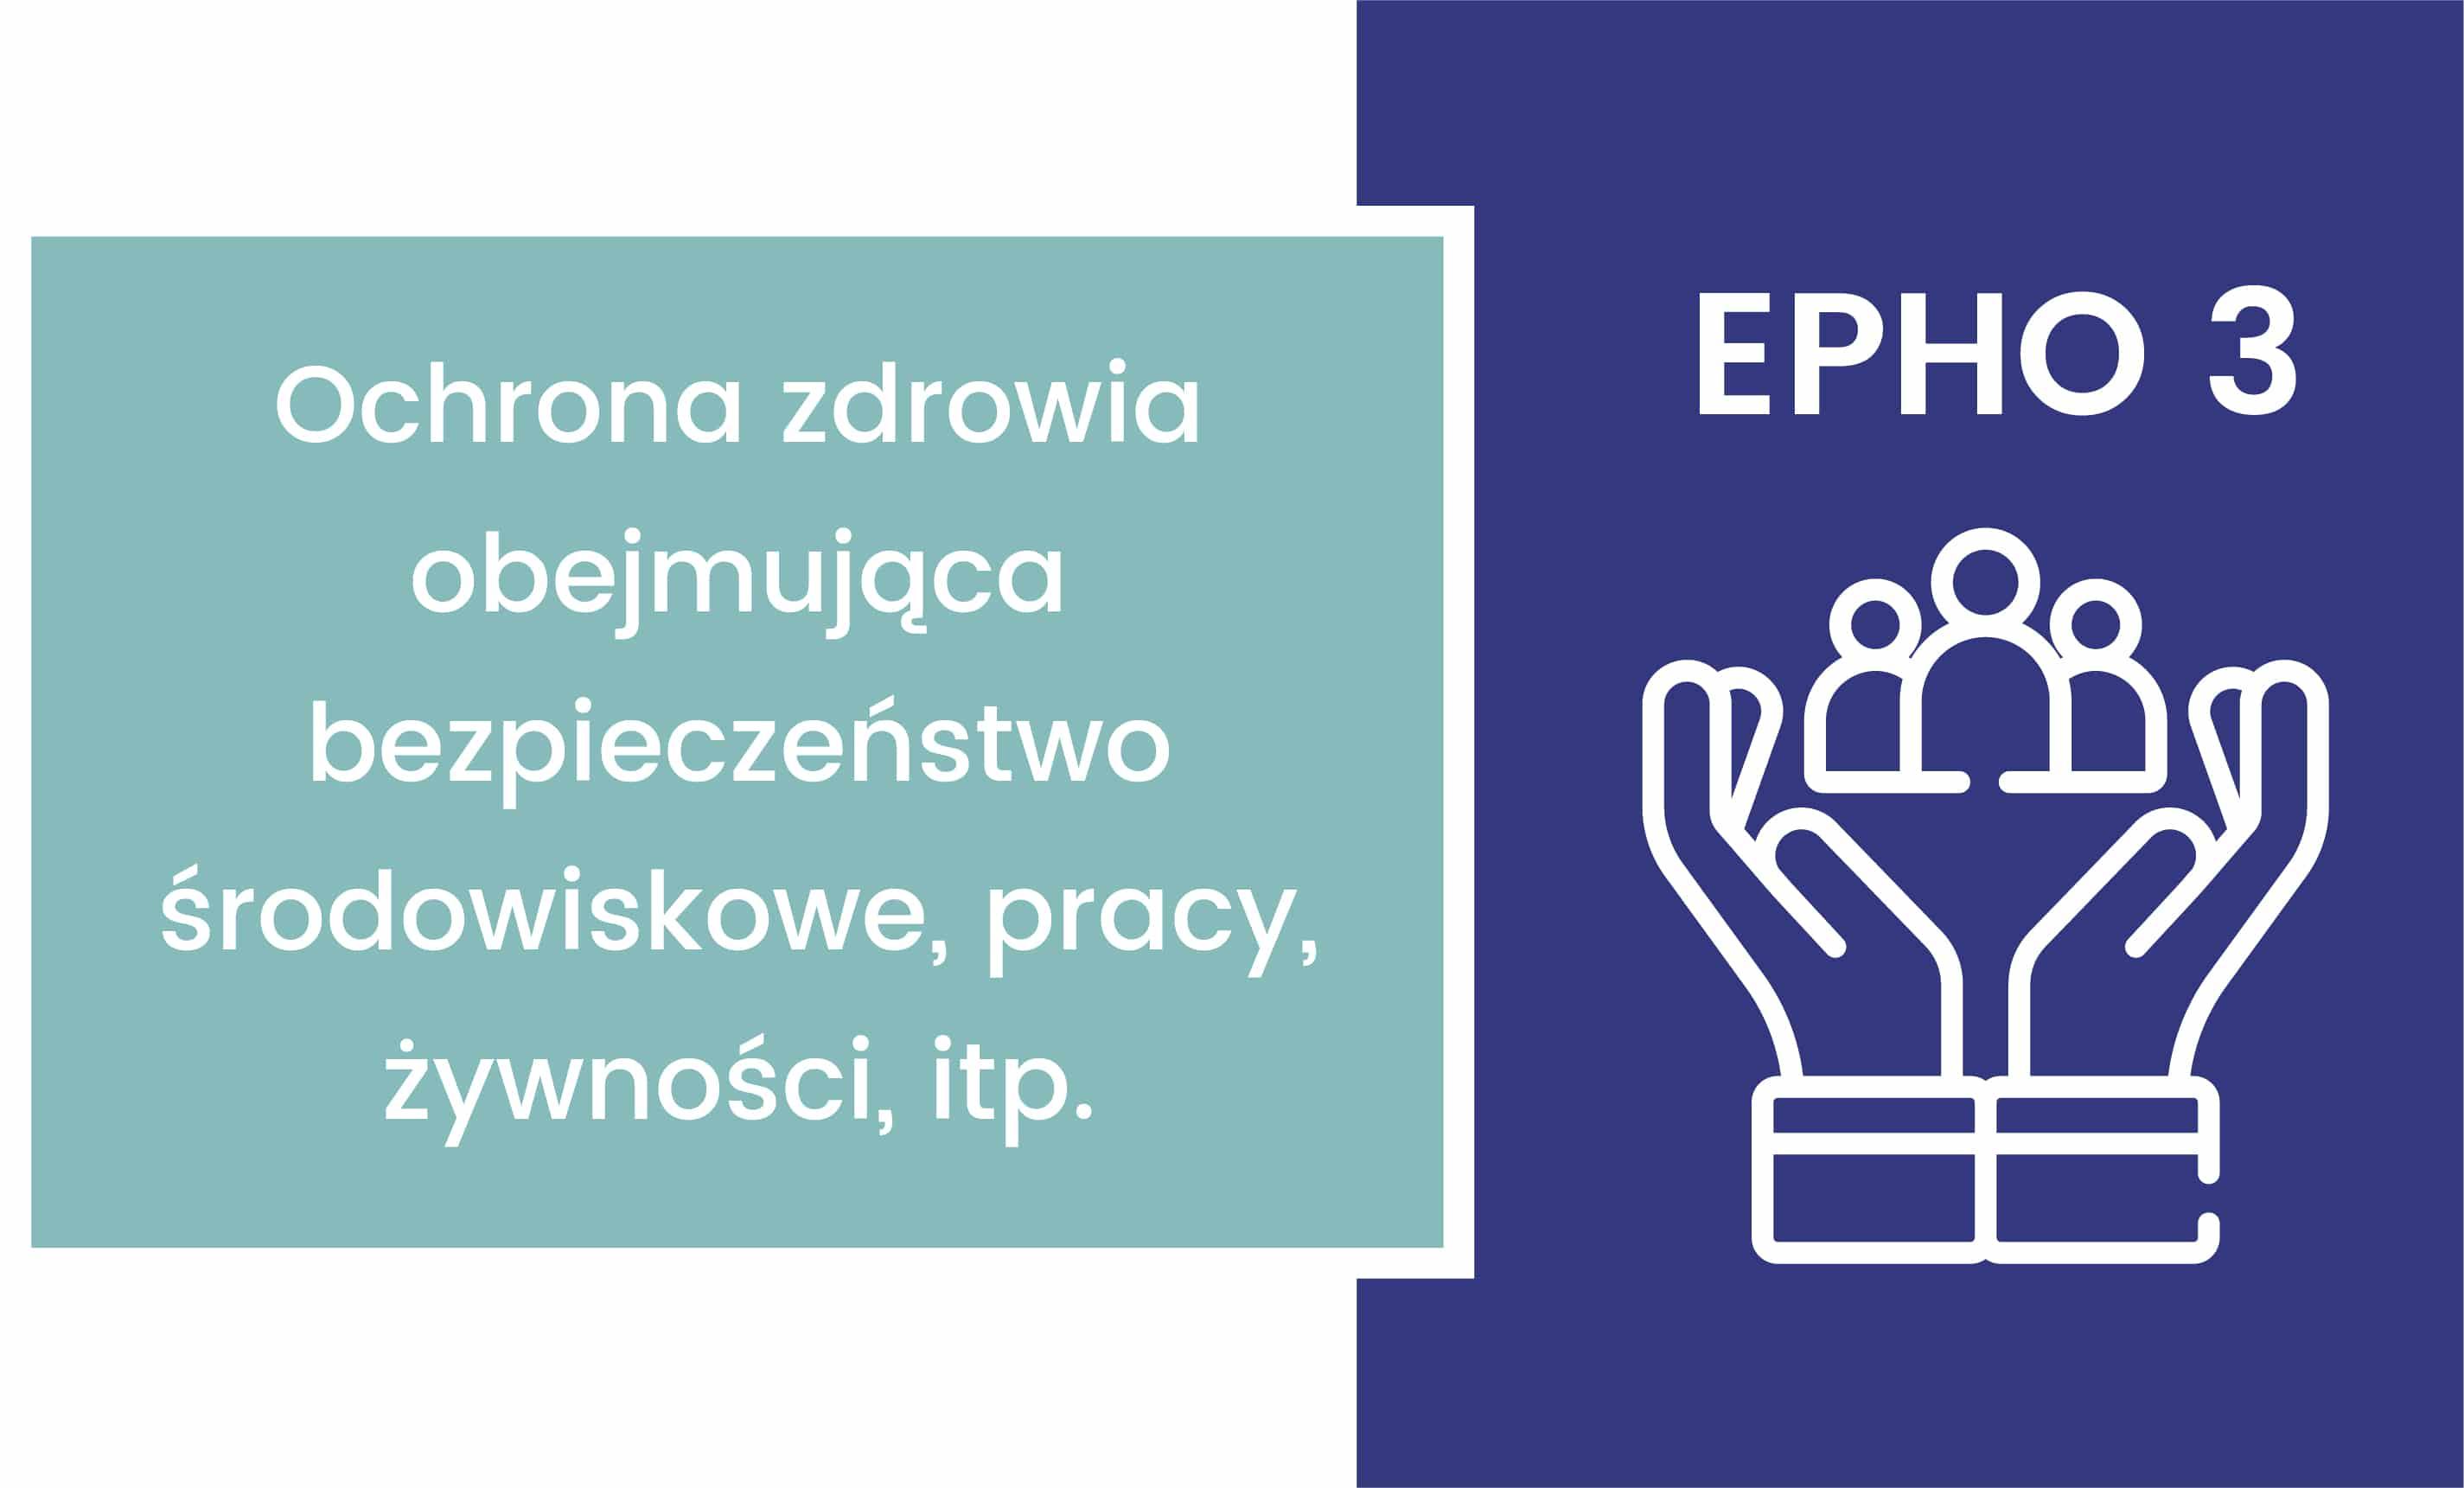 EPHO 3. Ochrona zdrowia obejmująca bezpieczeństwo środowiskowe, pracy, żywności, itp.